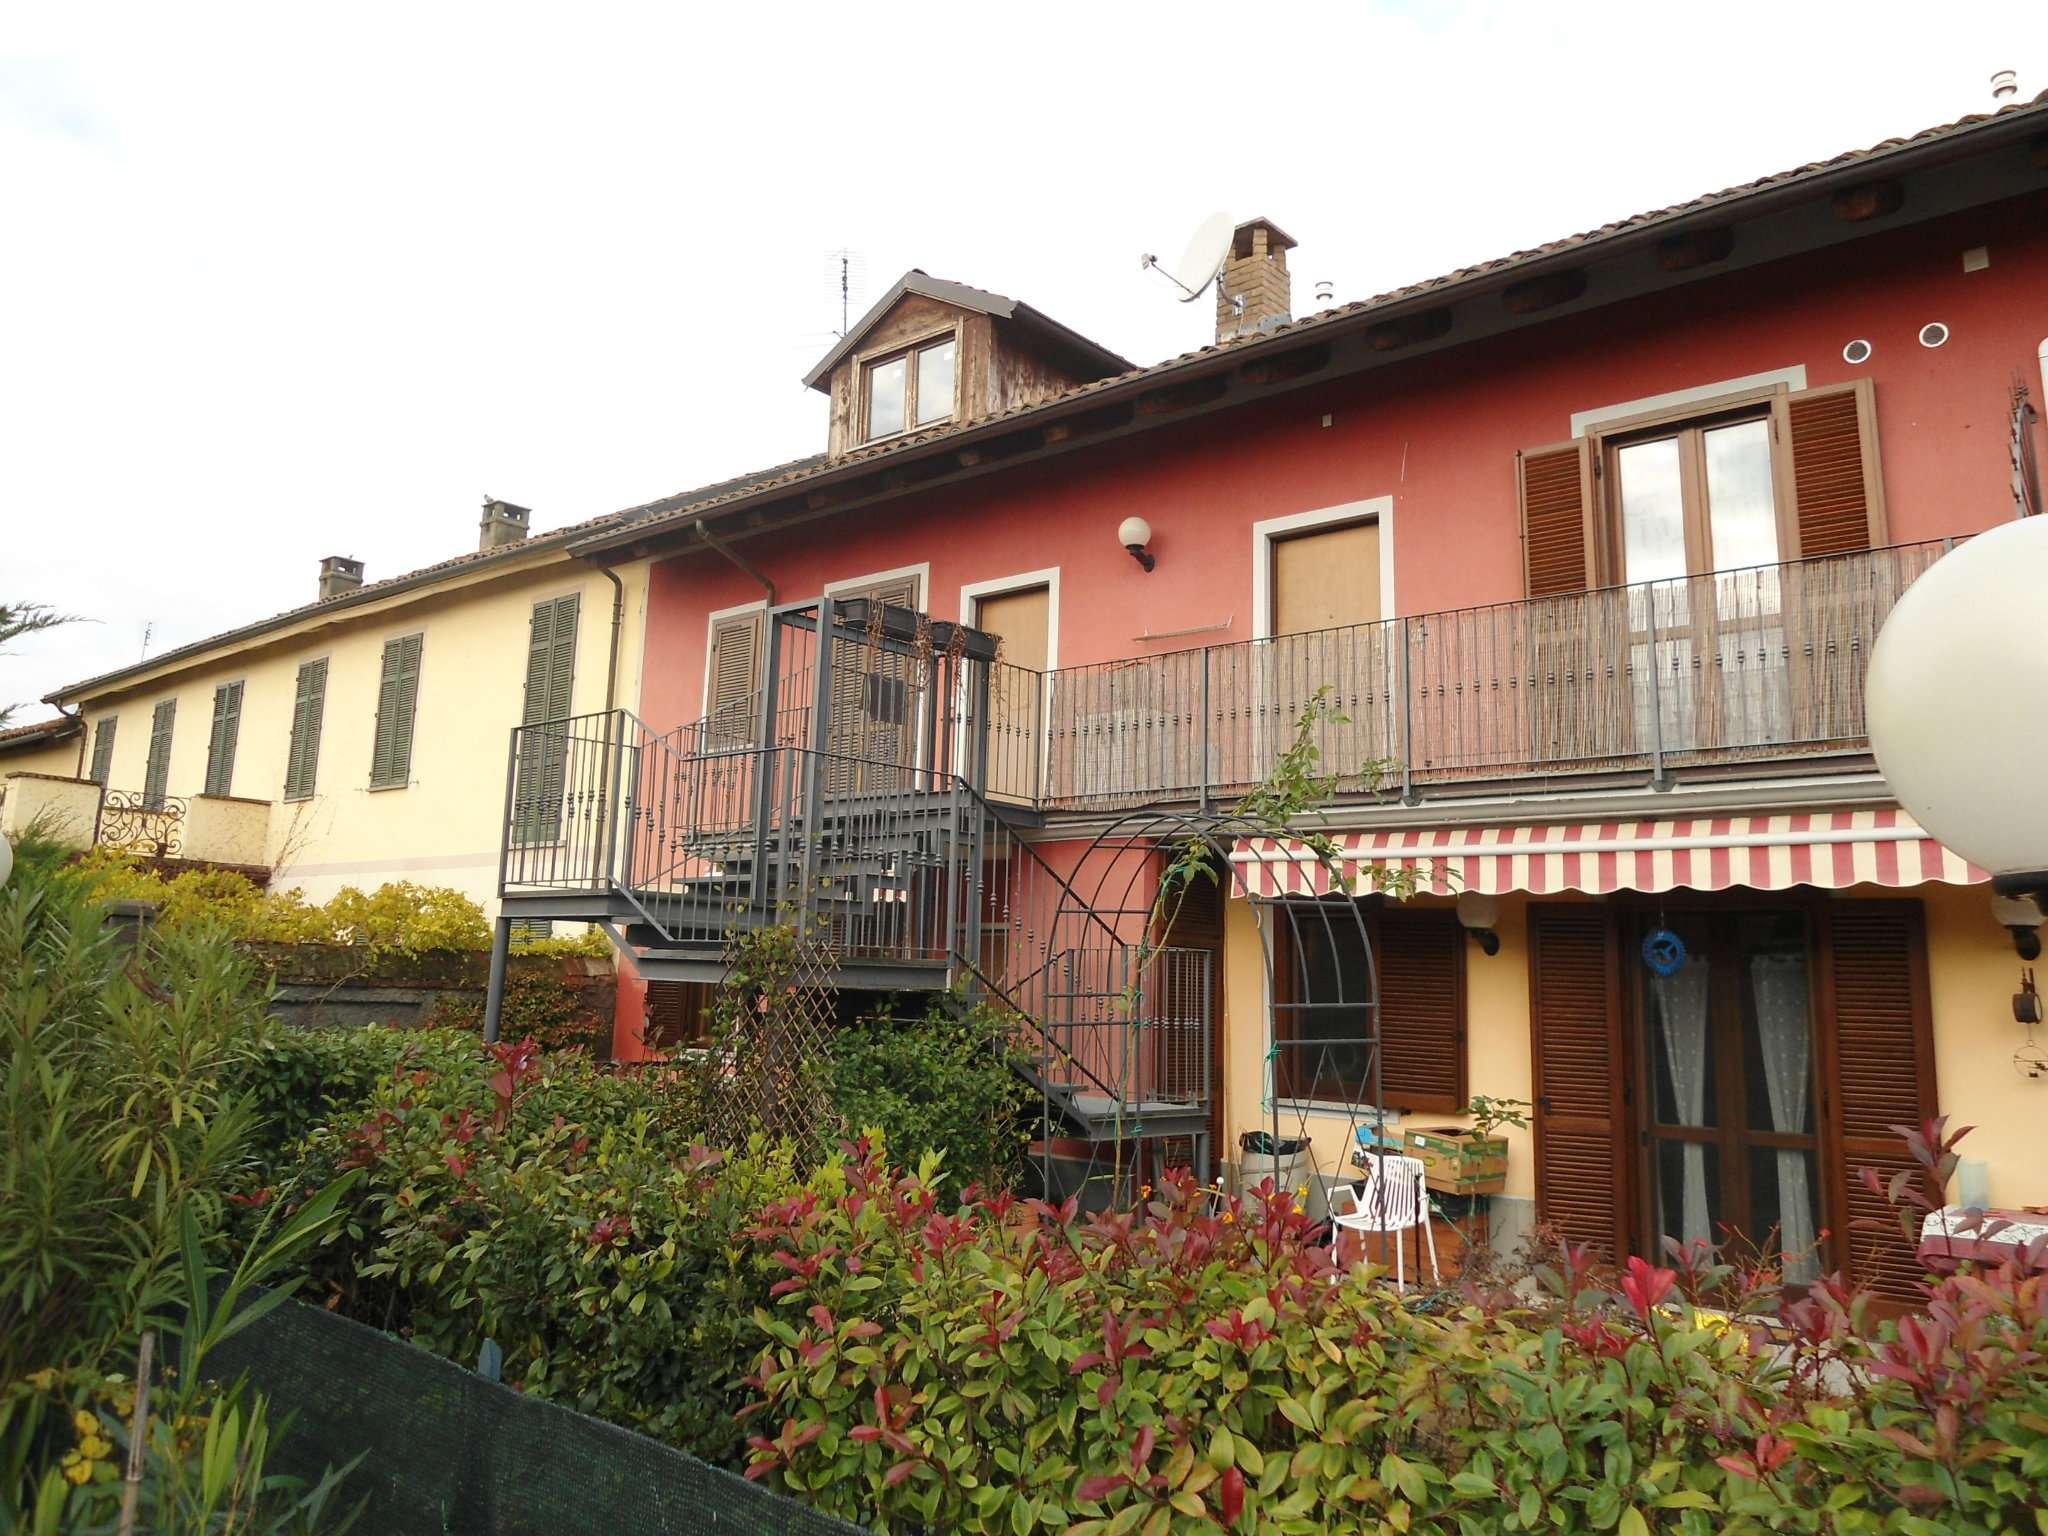 Appartamento in vendita a San Paolo Solbrito, 4 locali, prezzo € 135.000 | Cambio Casa.it